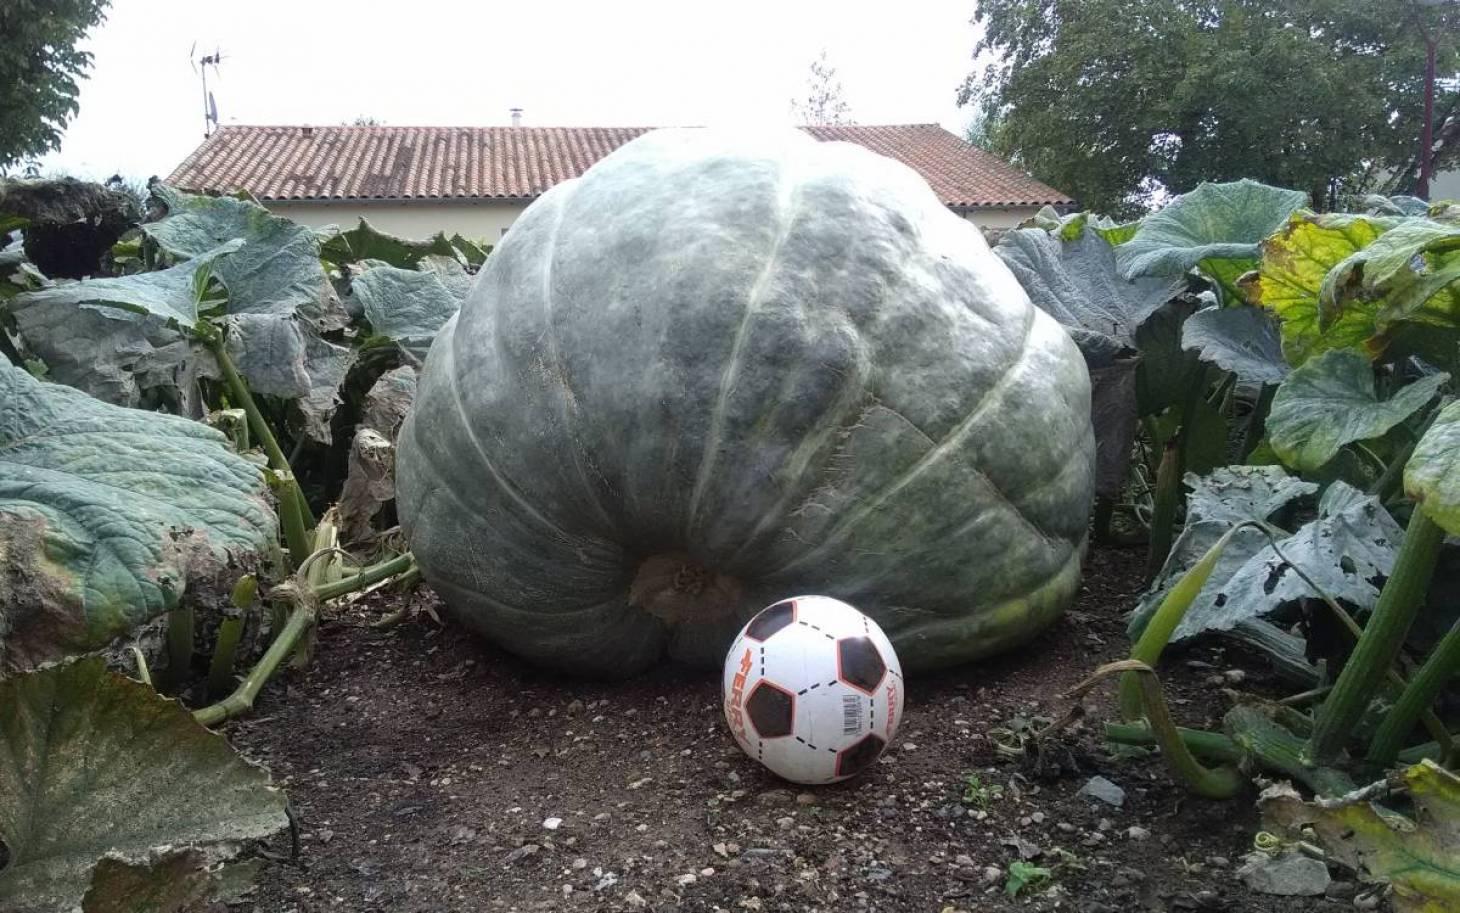 Le jardinier et les cucurbitacées géantes